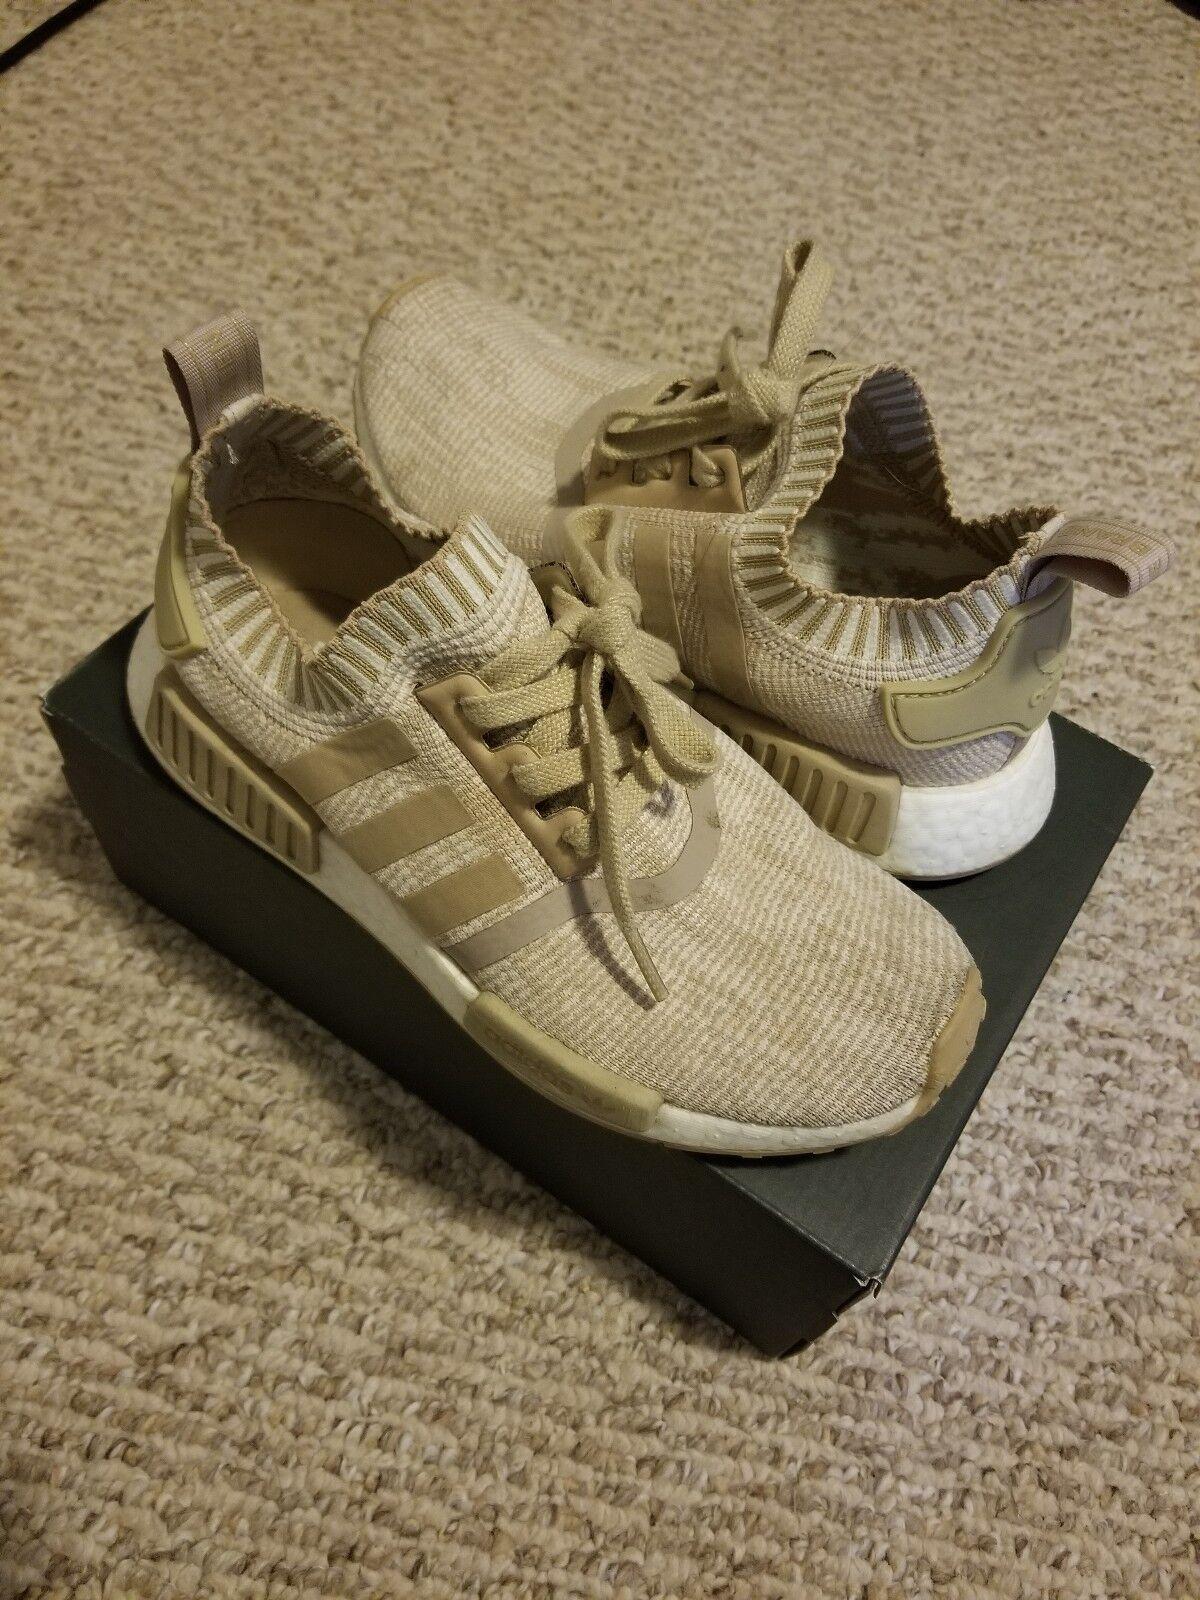 d231af42a NMD R1 PK Beige Tan Adidas zrewfq4753-Athletic Shoes - hunting ...